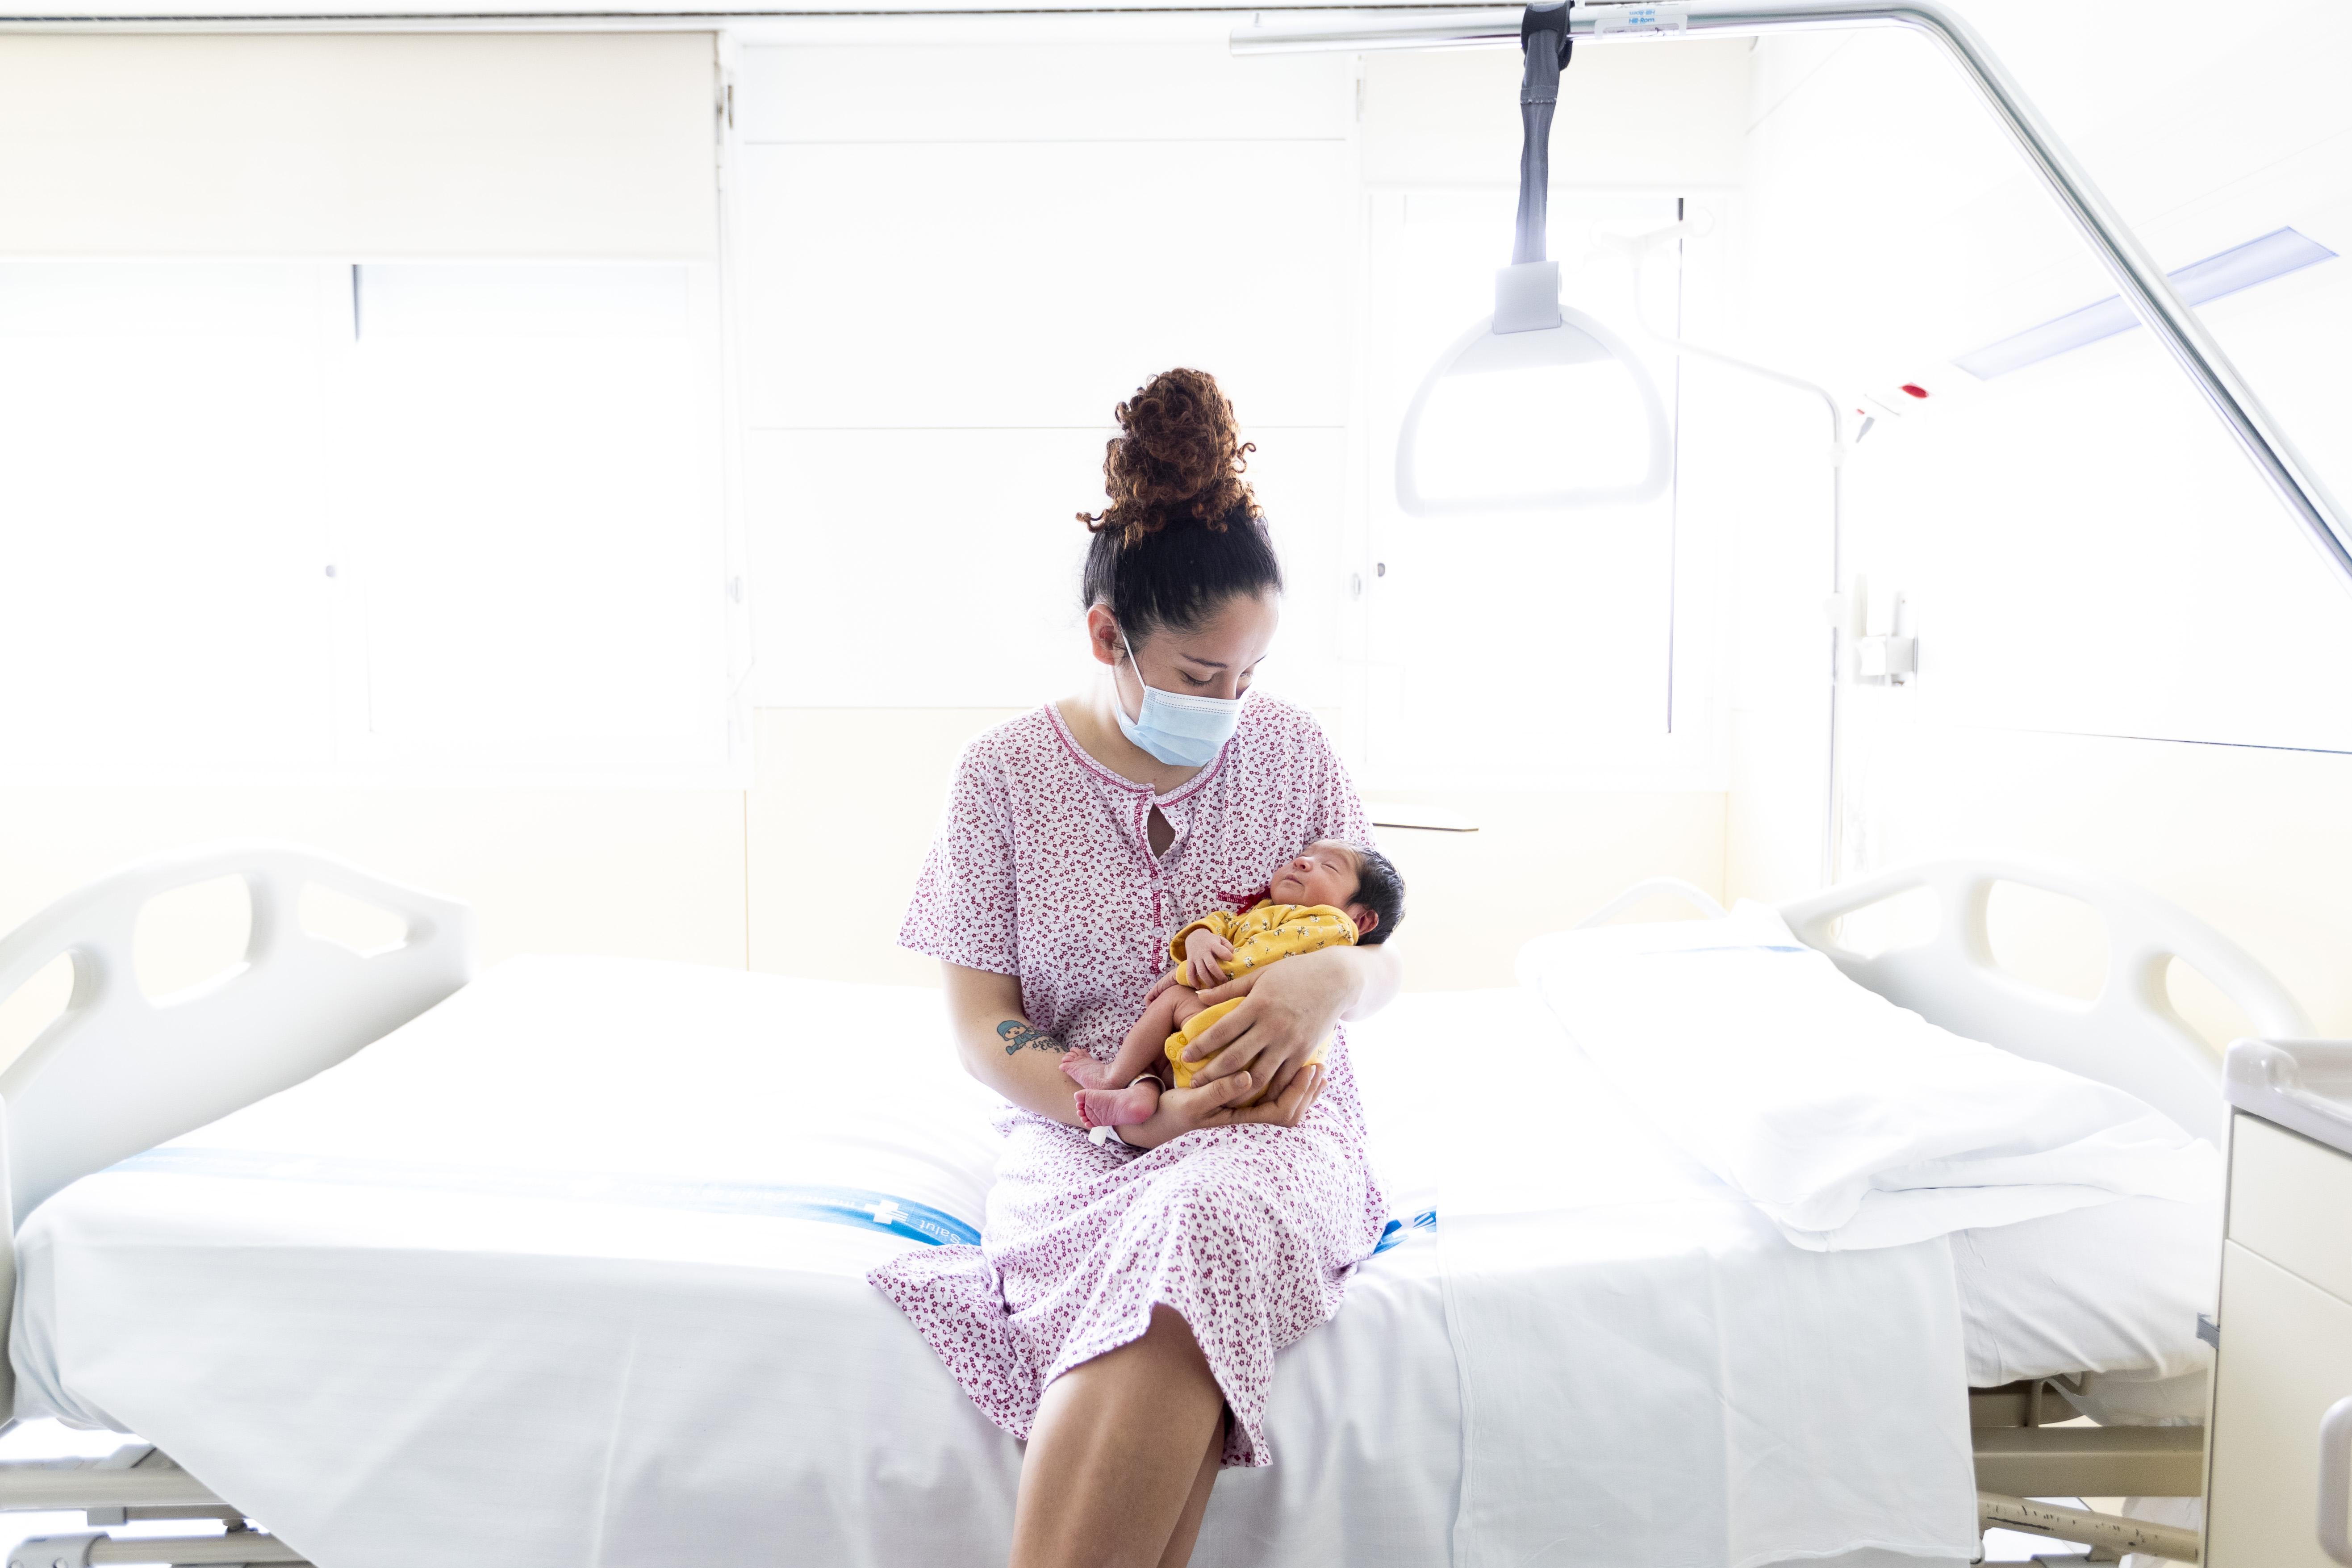 La natalidad se desploma en España por el confinamiento